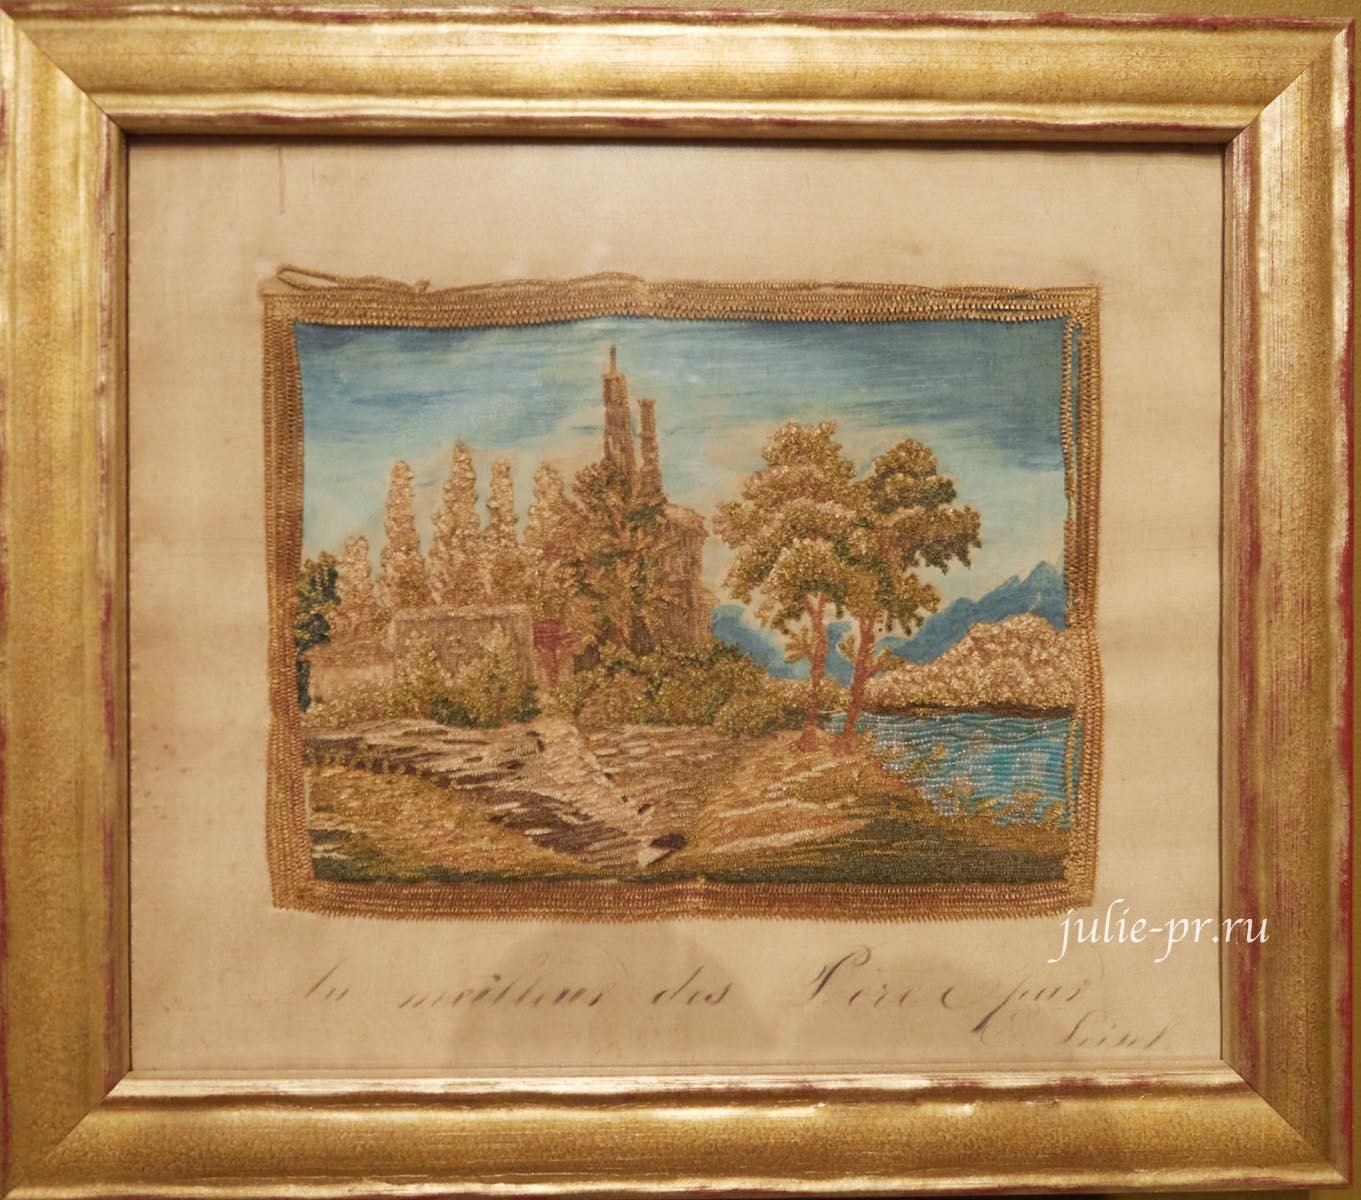 Горный пейзаж, 1810-е гг, Франция, вышивка синелью и бисером по шёлку, выставка Старинные вышивки